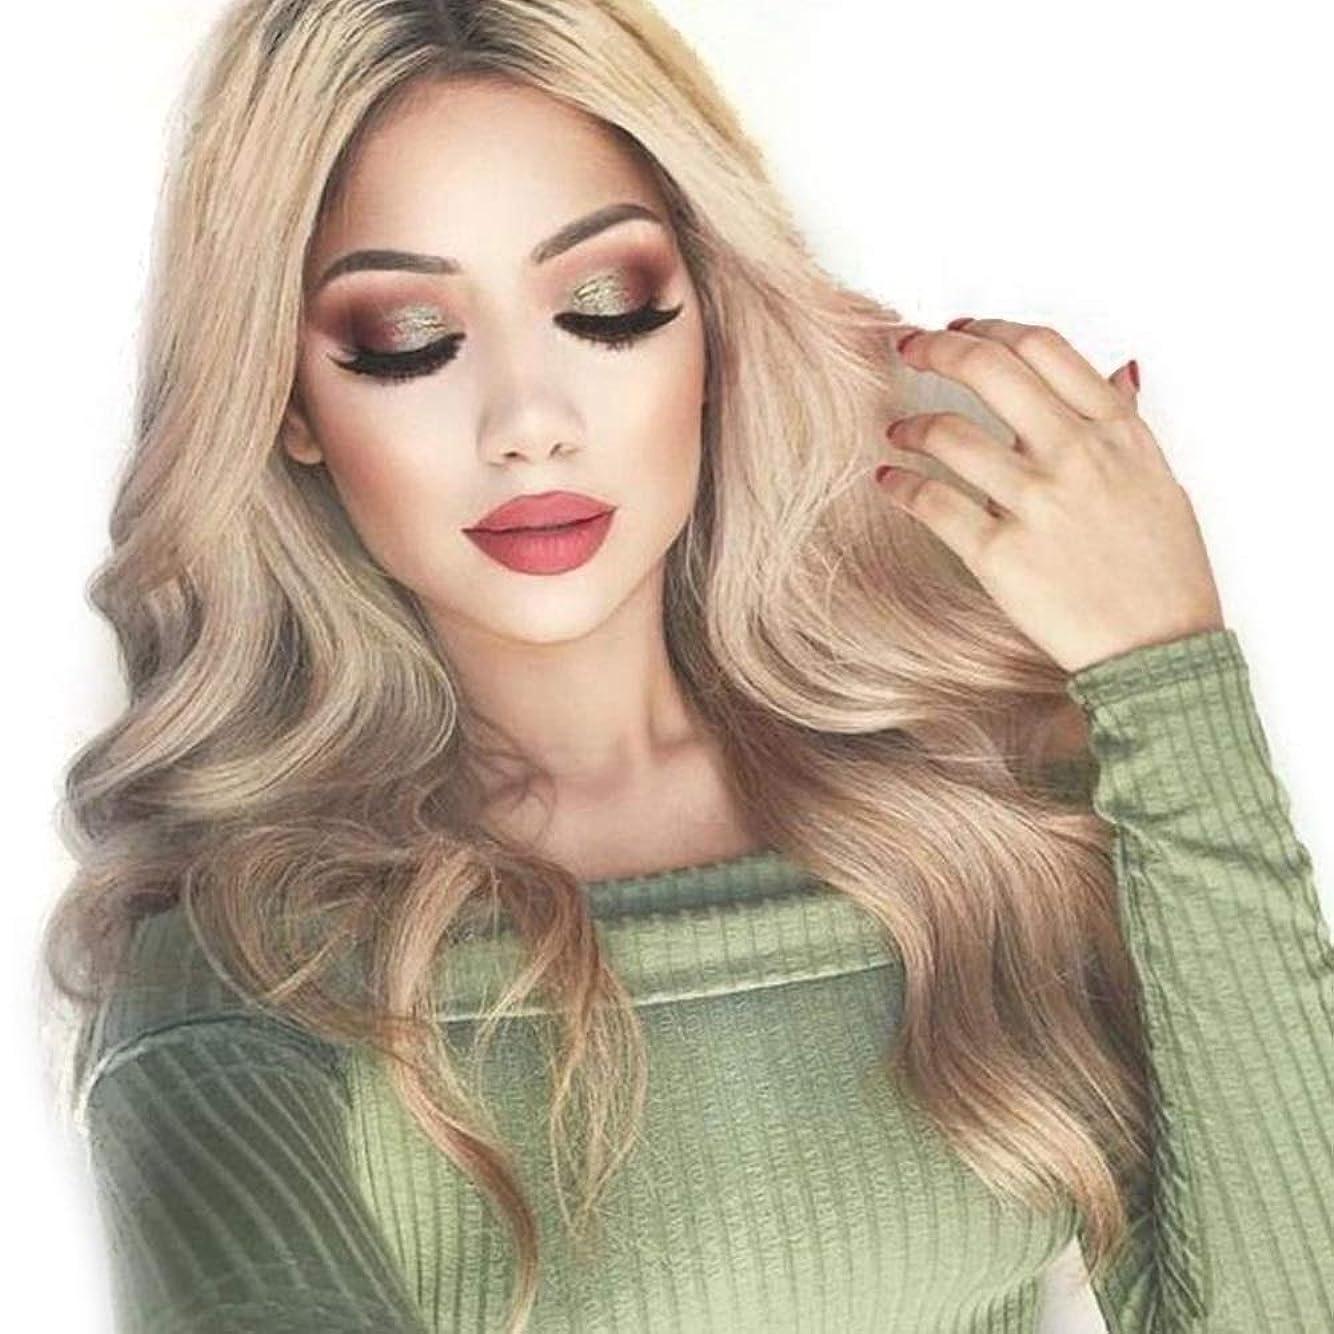 自治的おもちゃお誕生日YESONEEP 女性のための長い巻き毛を持つ高温シルクケミカルファイバーかつら合成毛髪のかつらロールプレイングかつら (色 : Photo Color, サイズ : 65cm)